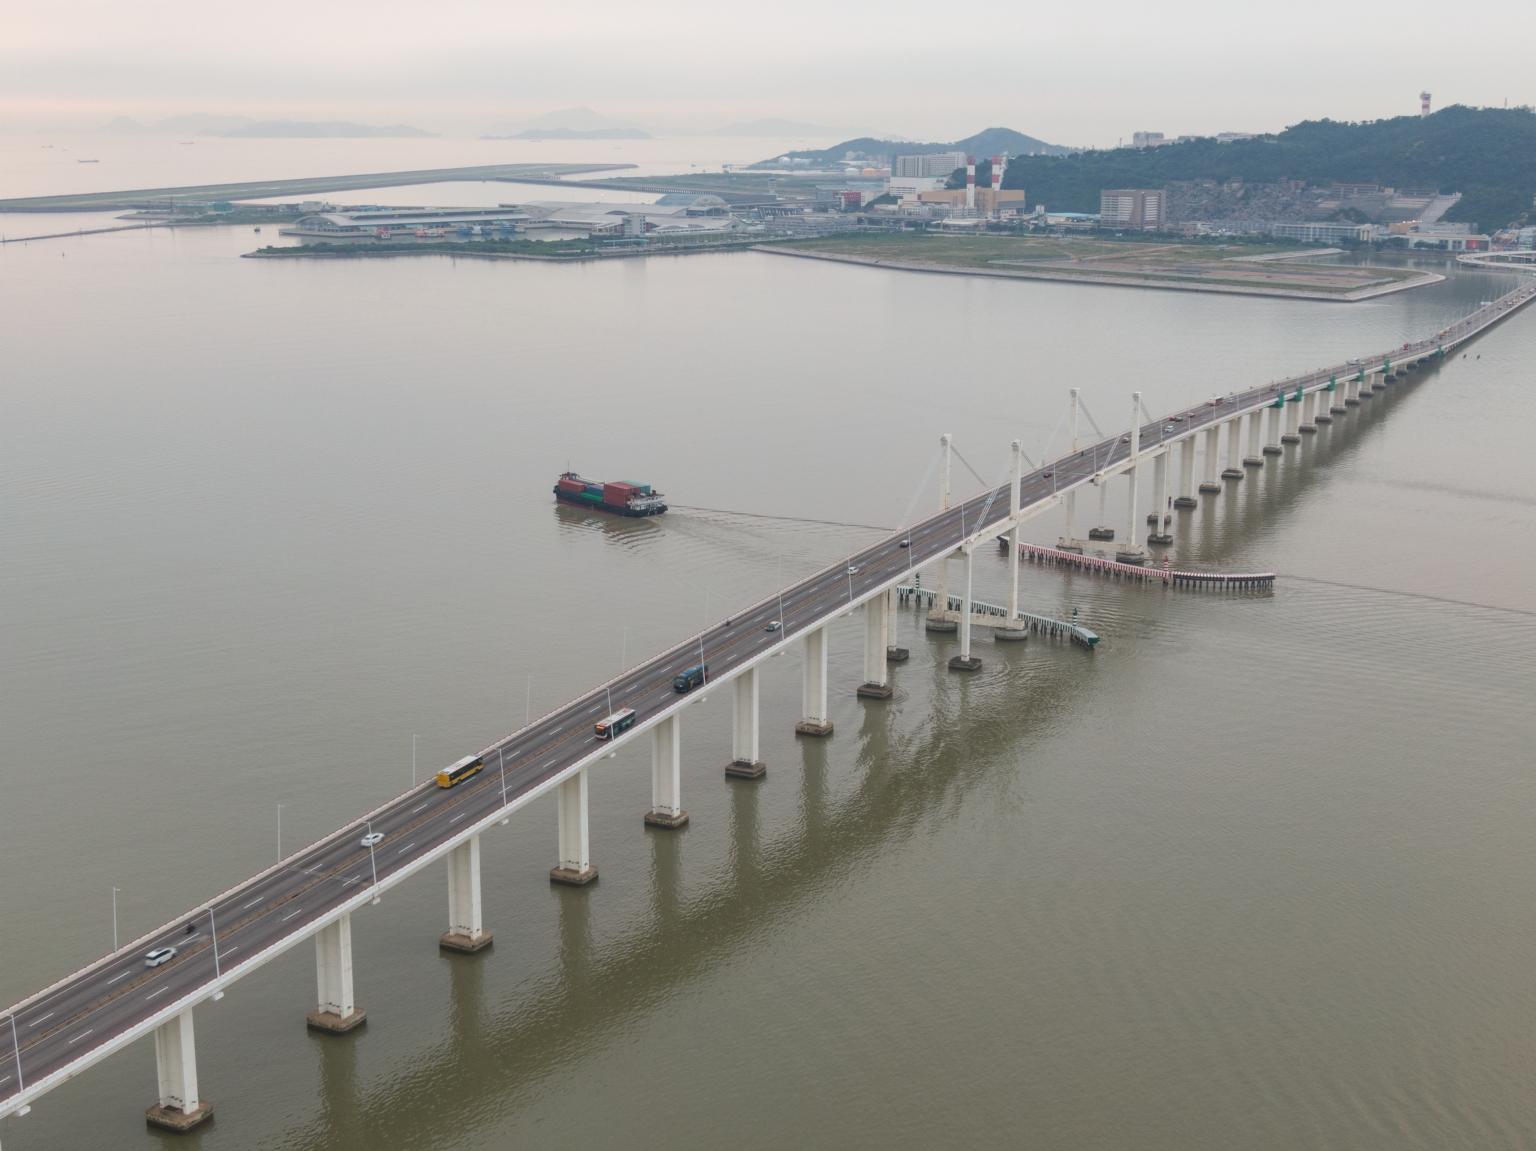 友誼大橋及遠處的北安